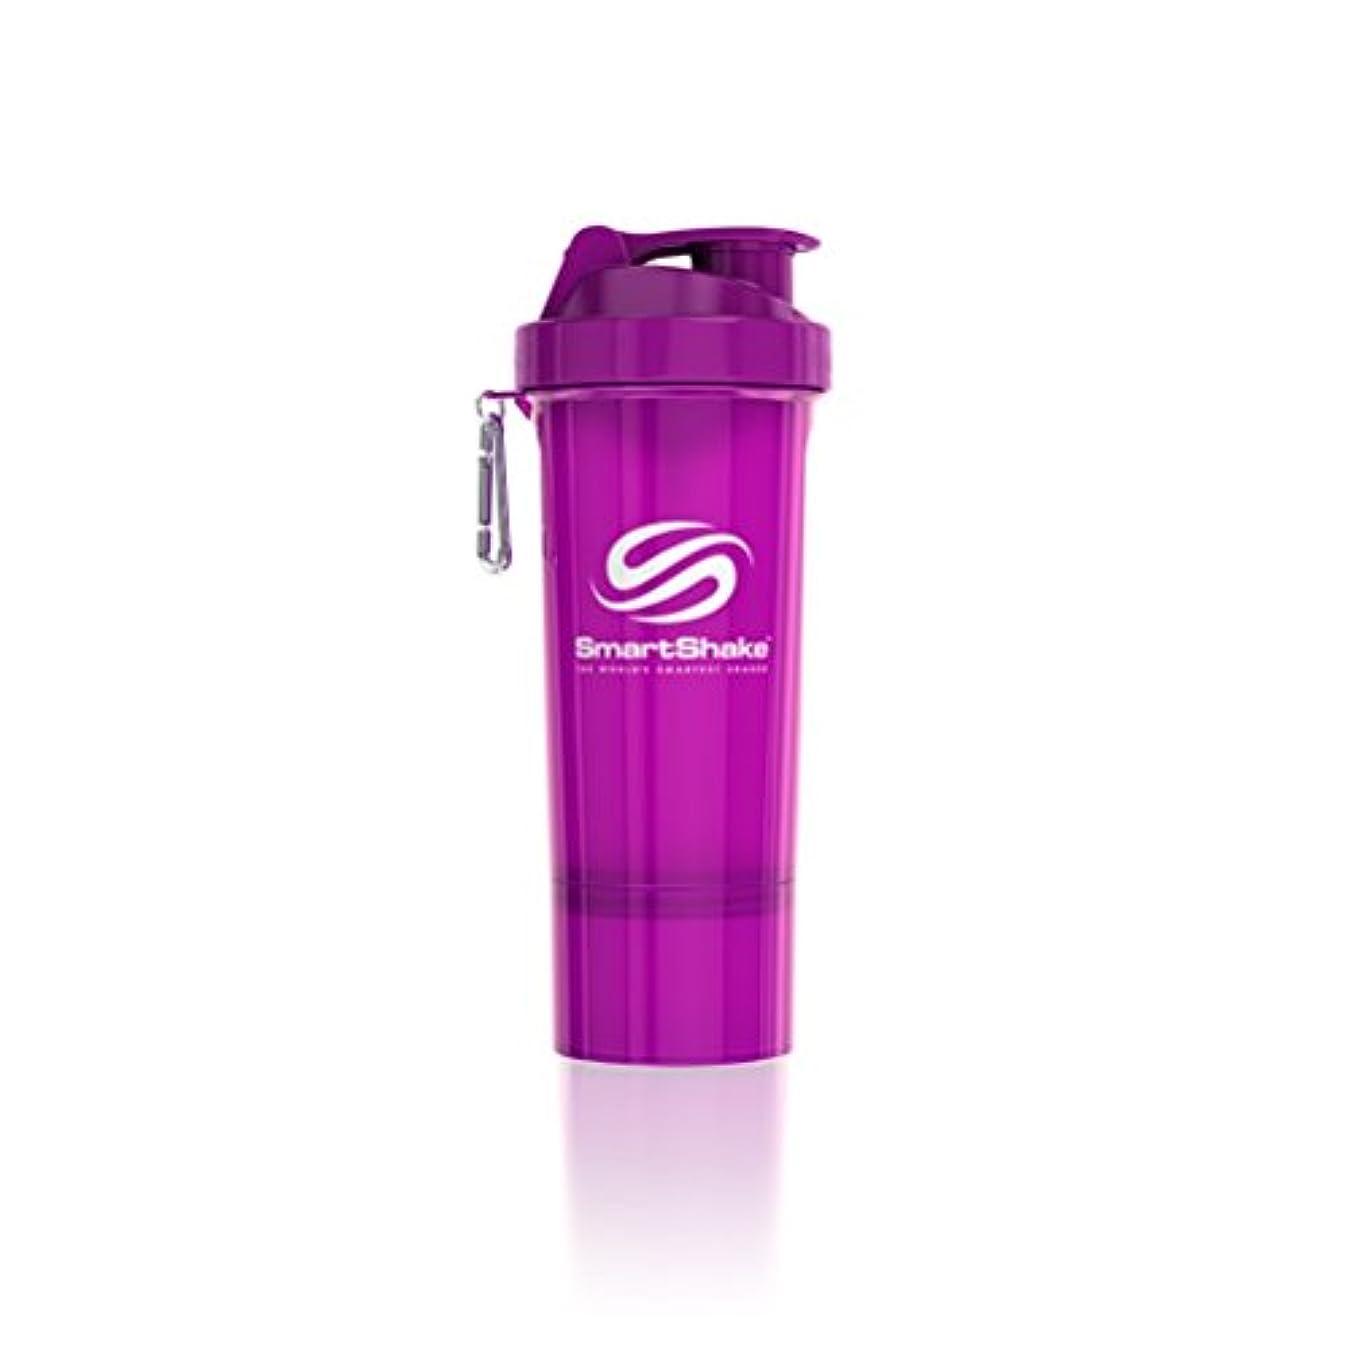 解くあまりにも花弁Smartshake SLIM SHAKER CUP